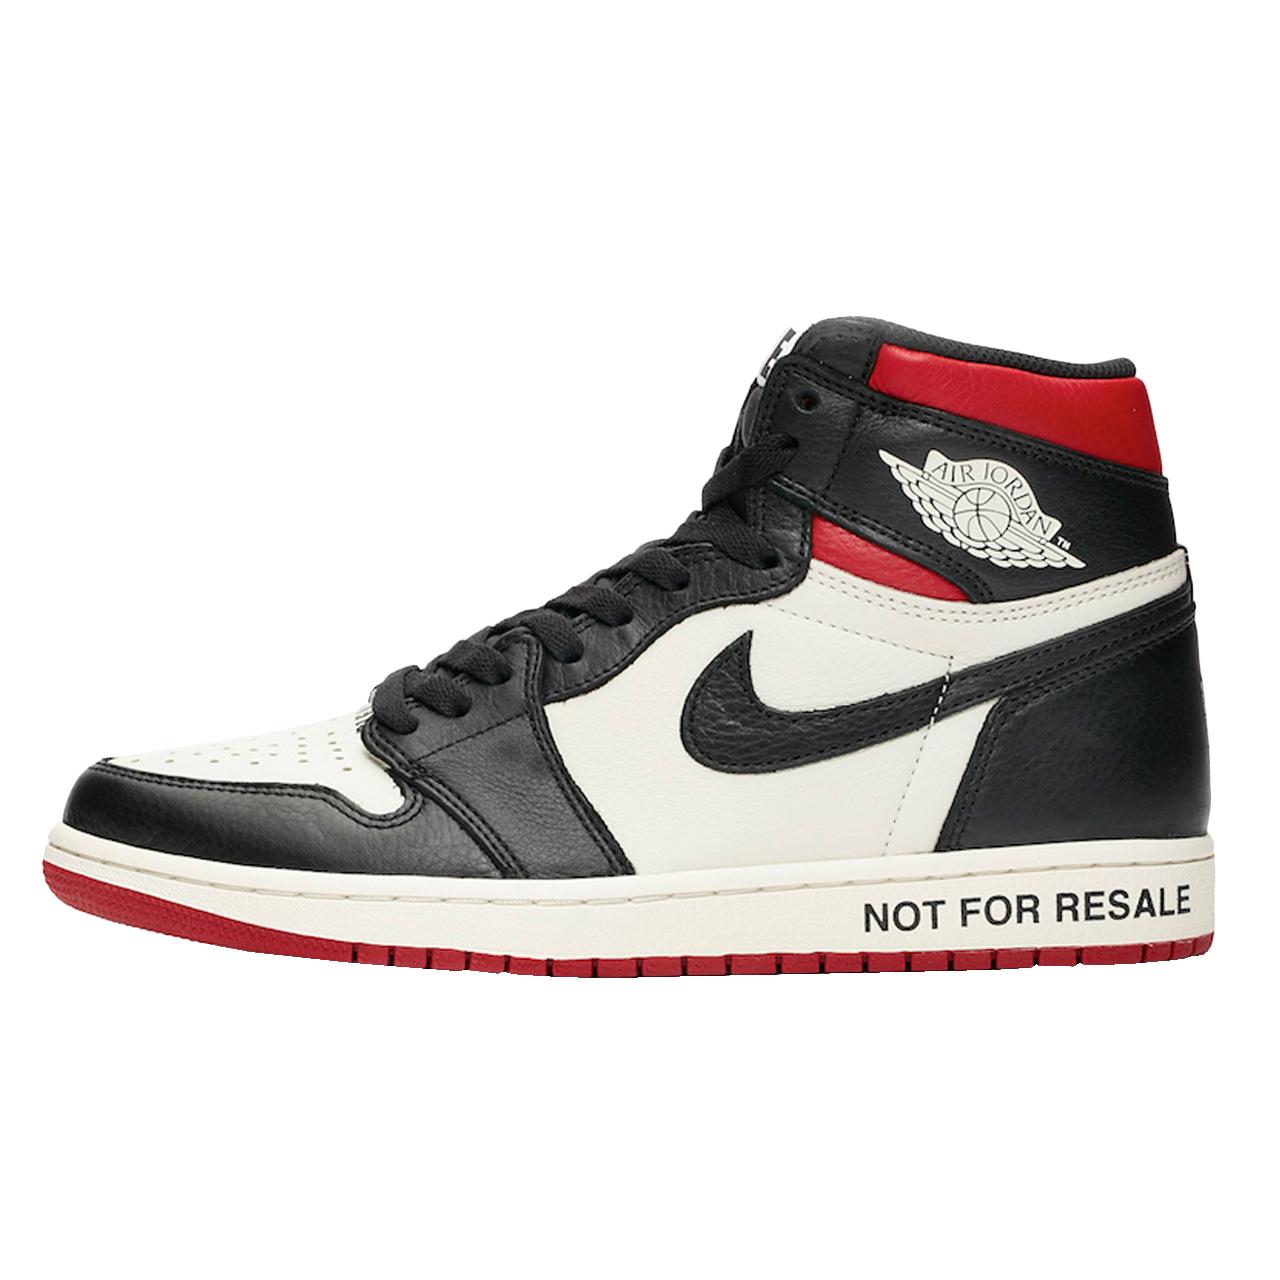 کفش راحتی زنانه نایکی مدل Air Jordan 1 Hi Og Not For Release